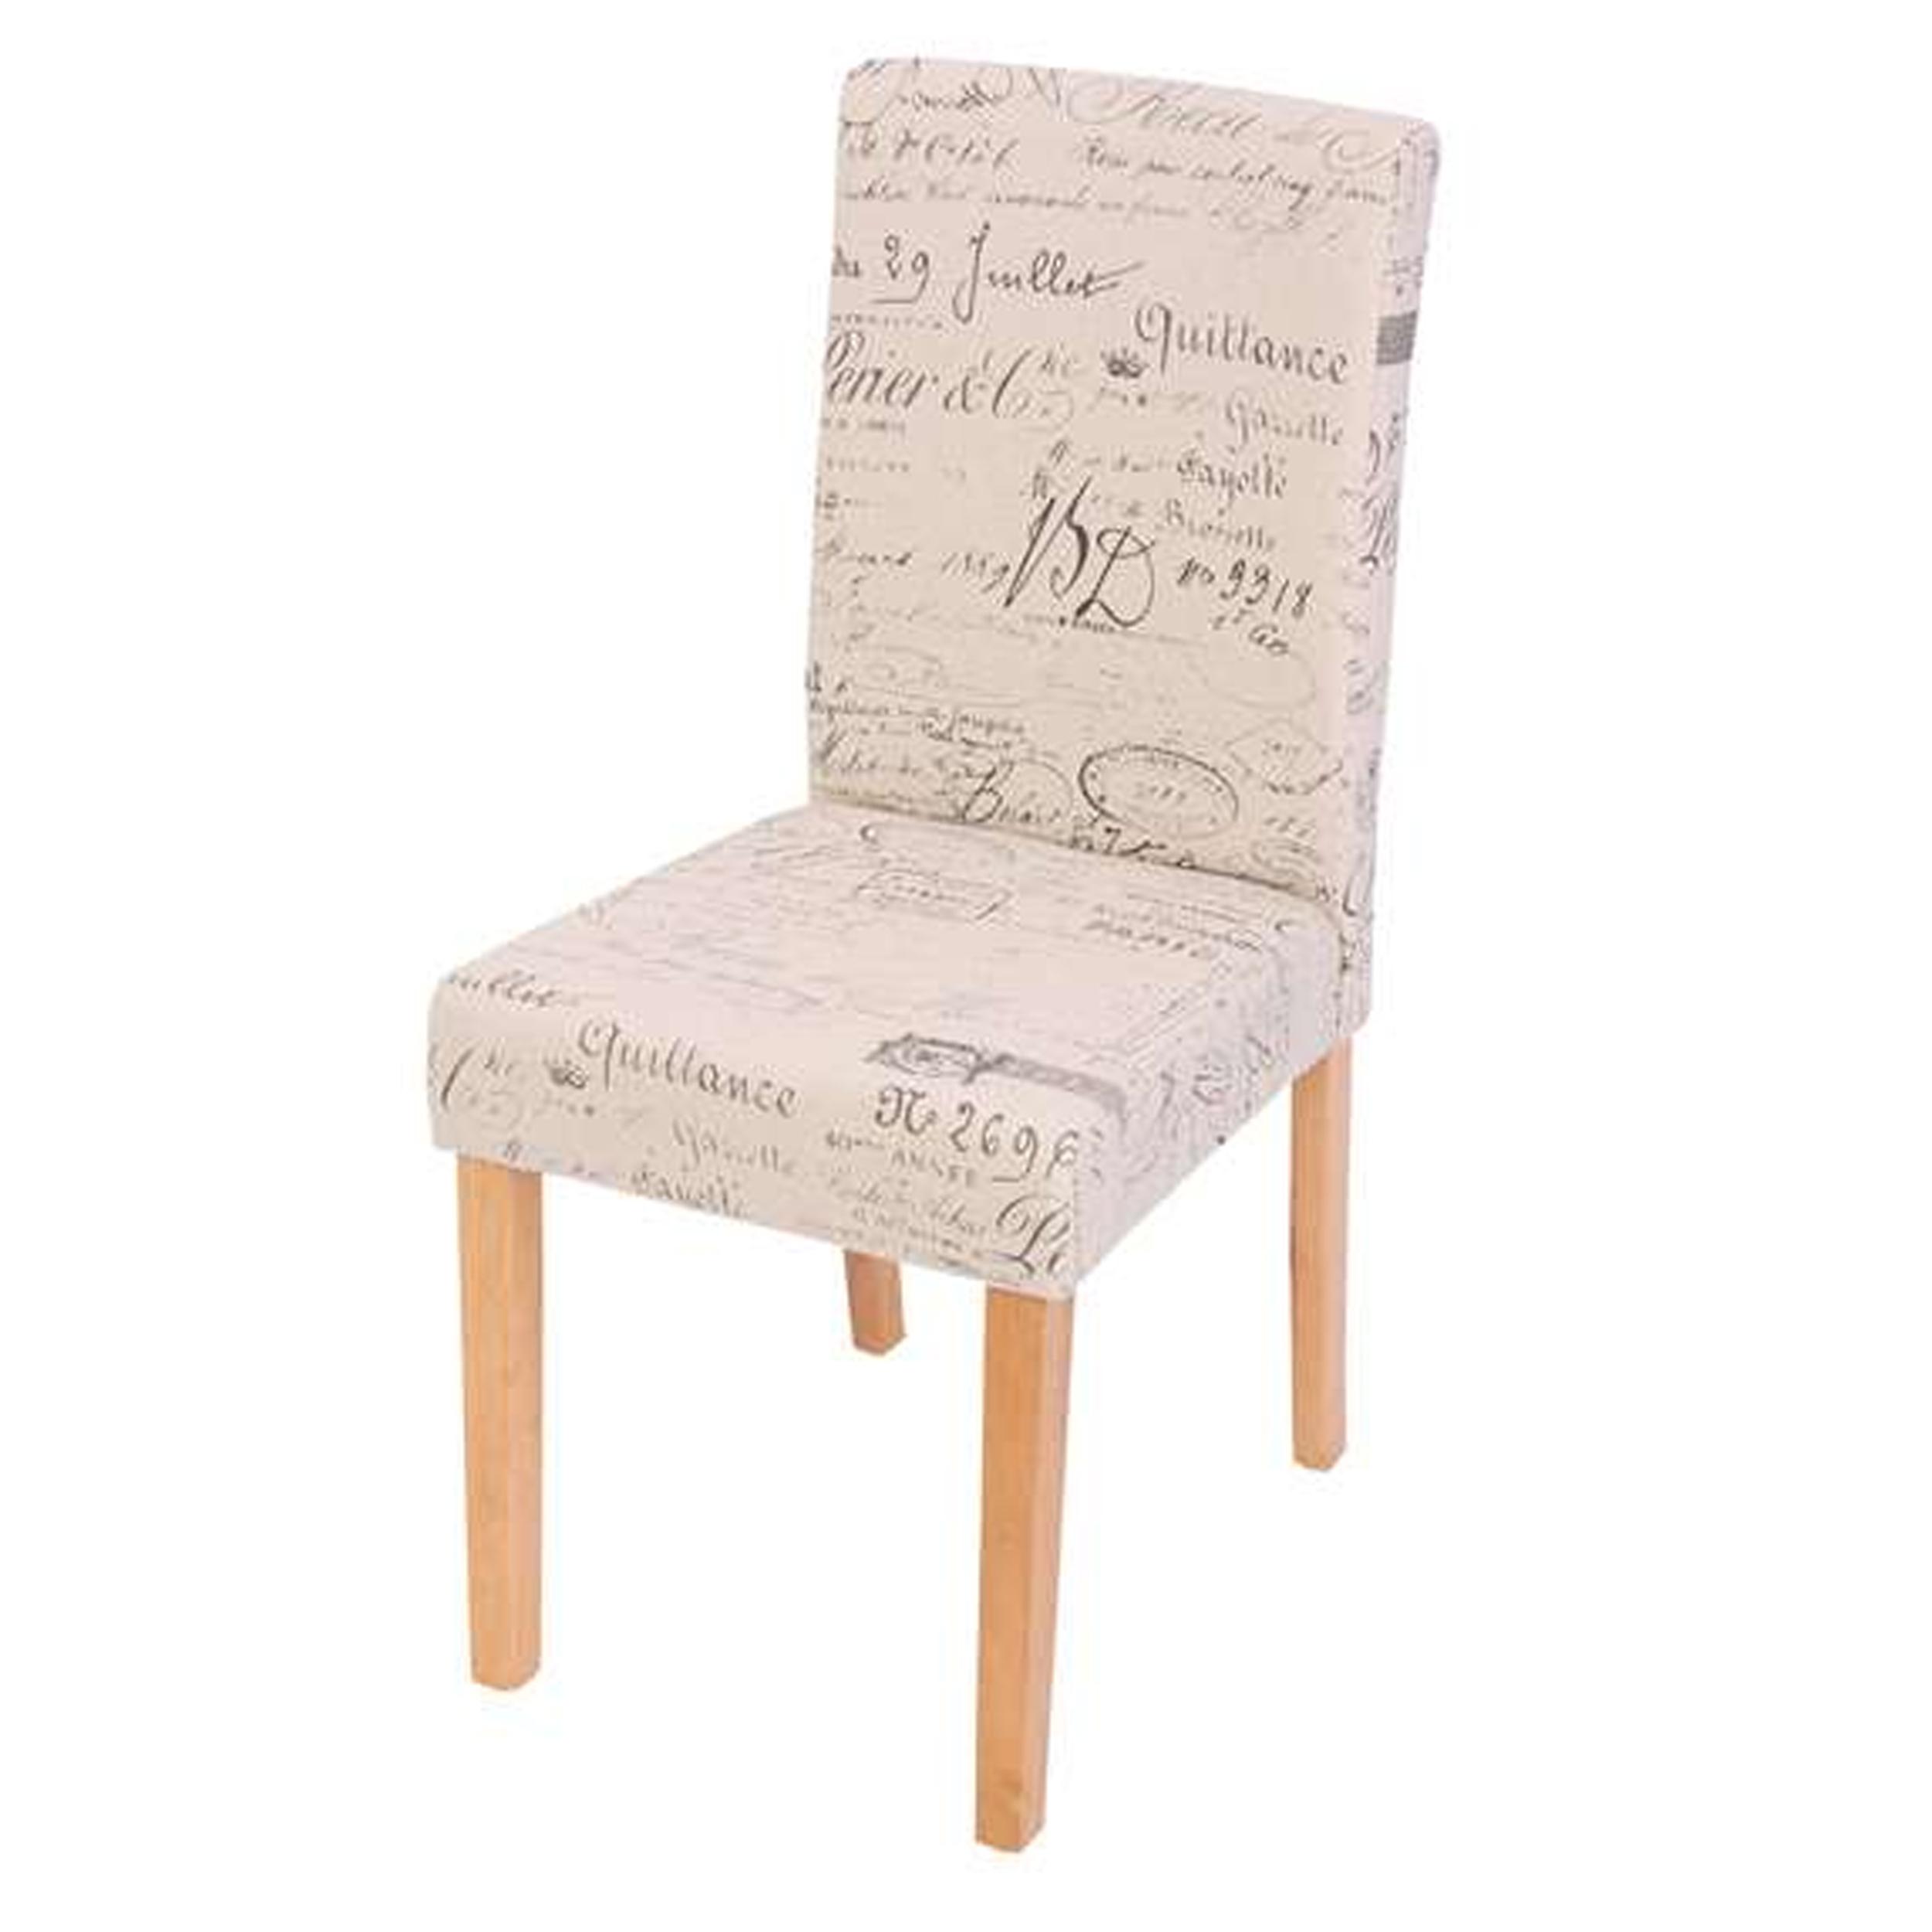 Tapizado para sillas de comedor sillas tapizadas con dos tejidos silla de diseo moderno - Tejidos para tapizar sillas ...